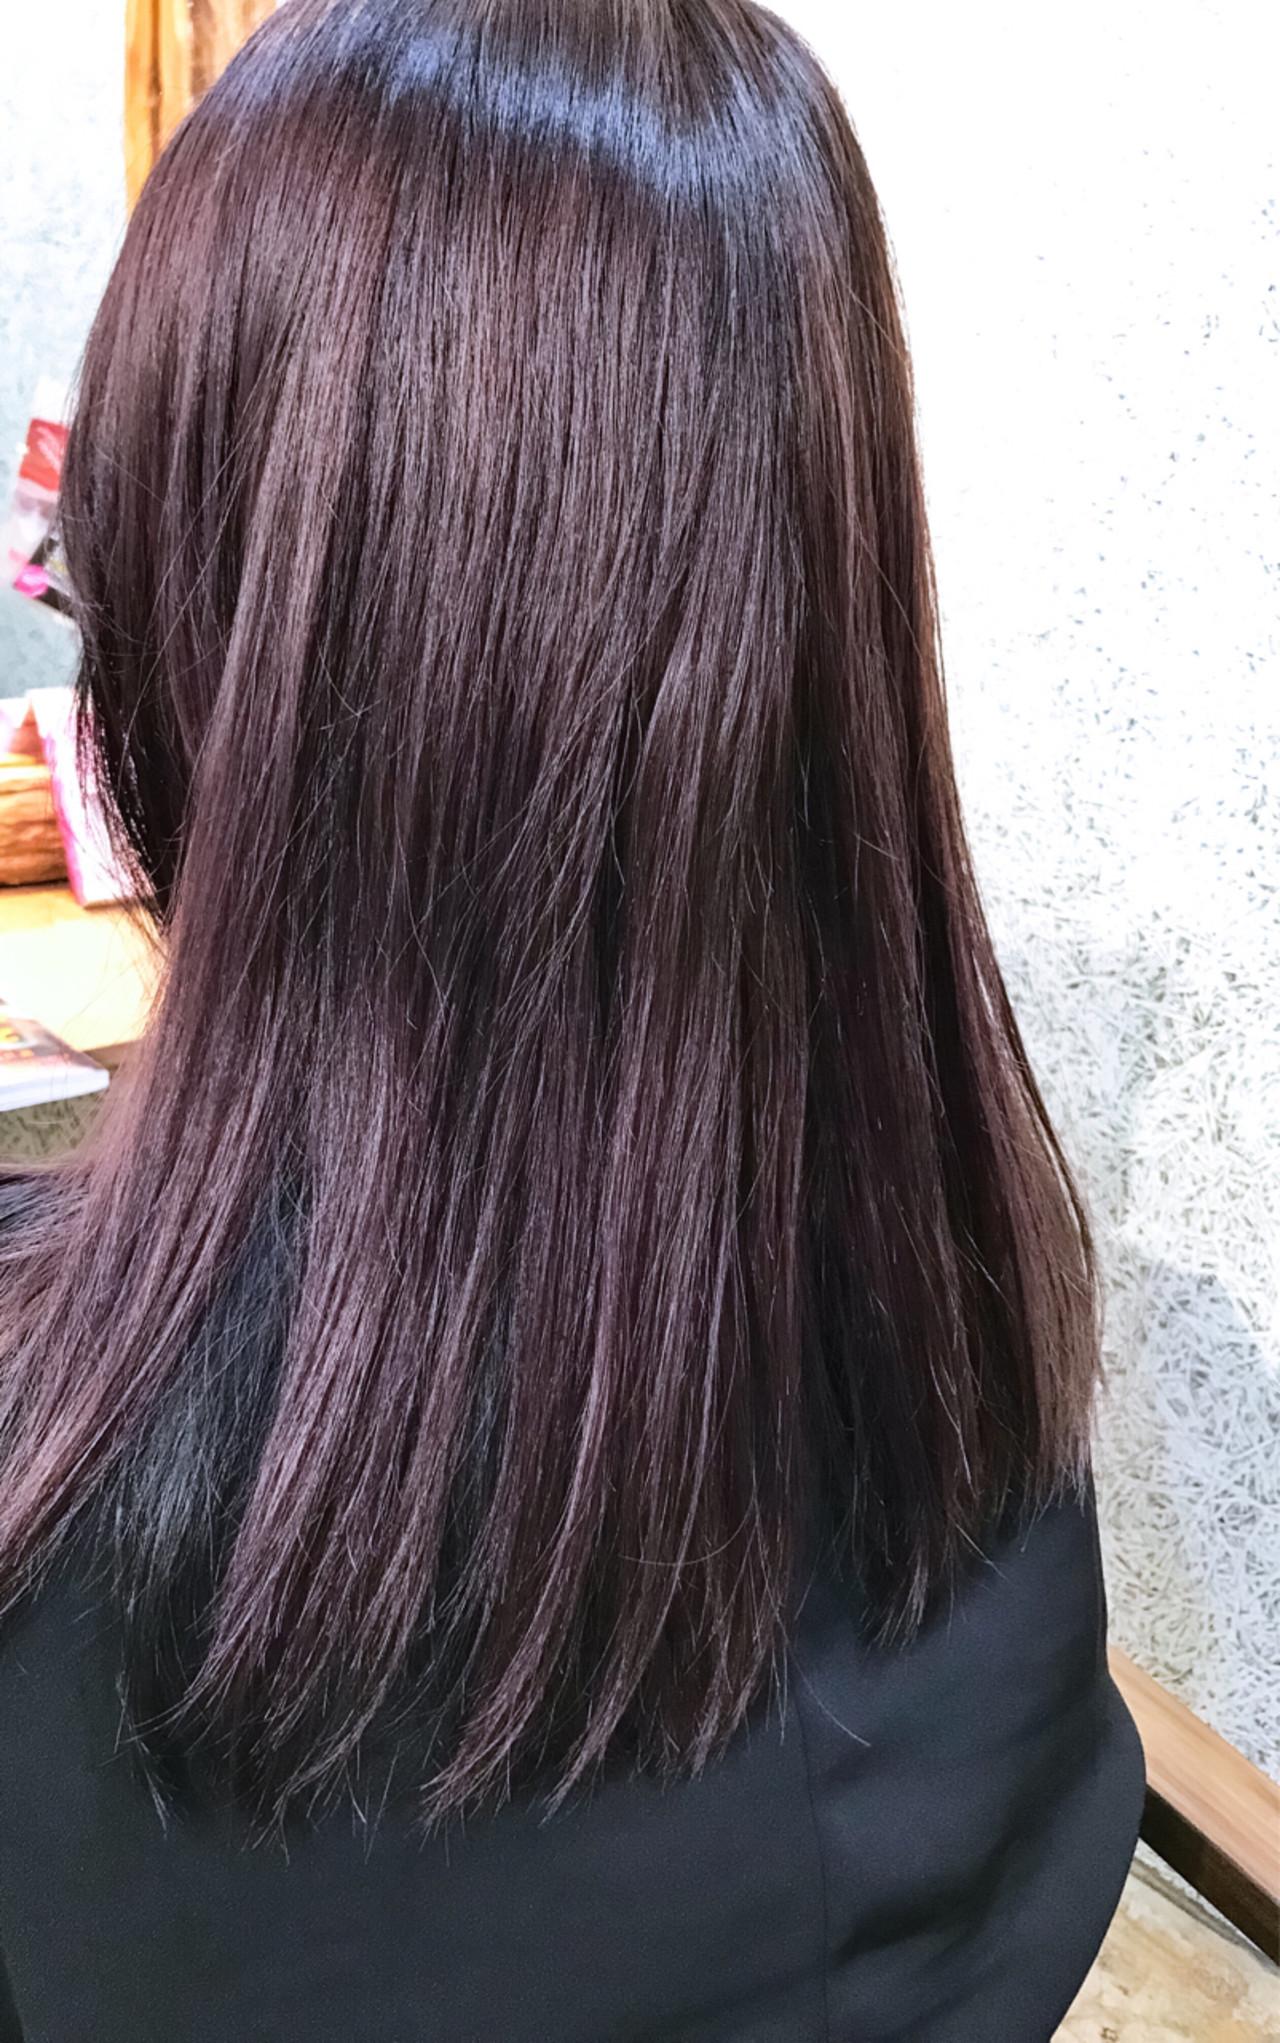 ロング ラベンダーアッシュ ラベンダー パープル ヘアスタイルや髪型の写真・画像 | マキシヤスアキ / KURAKU